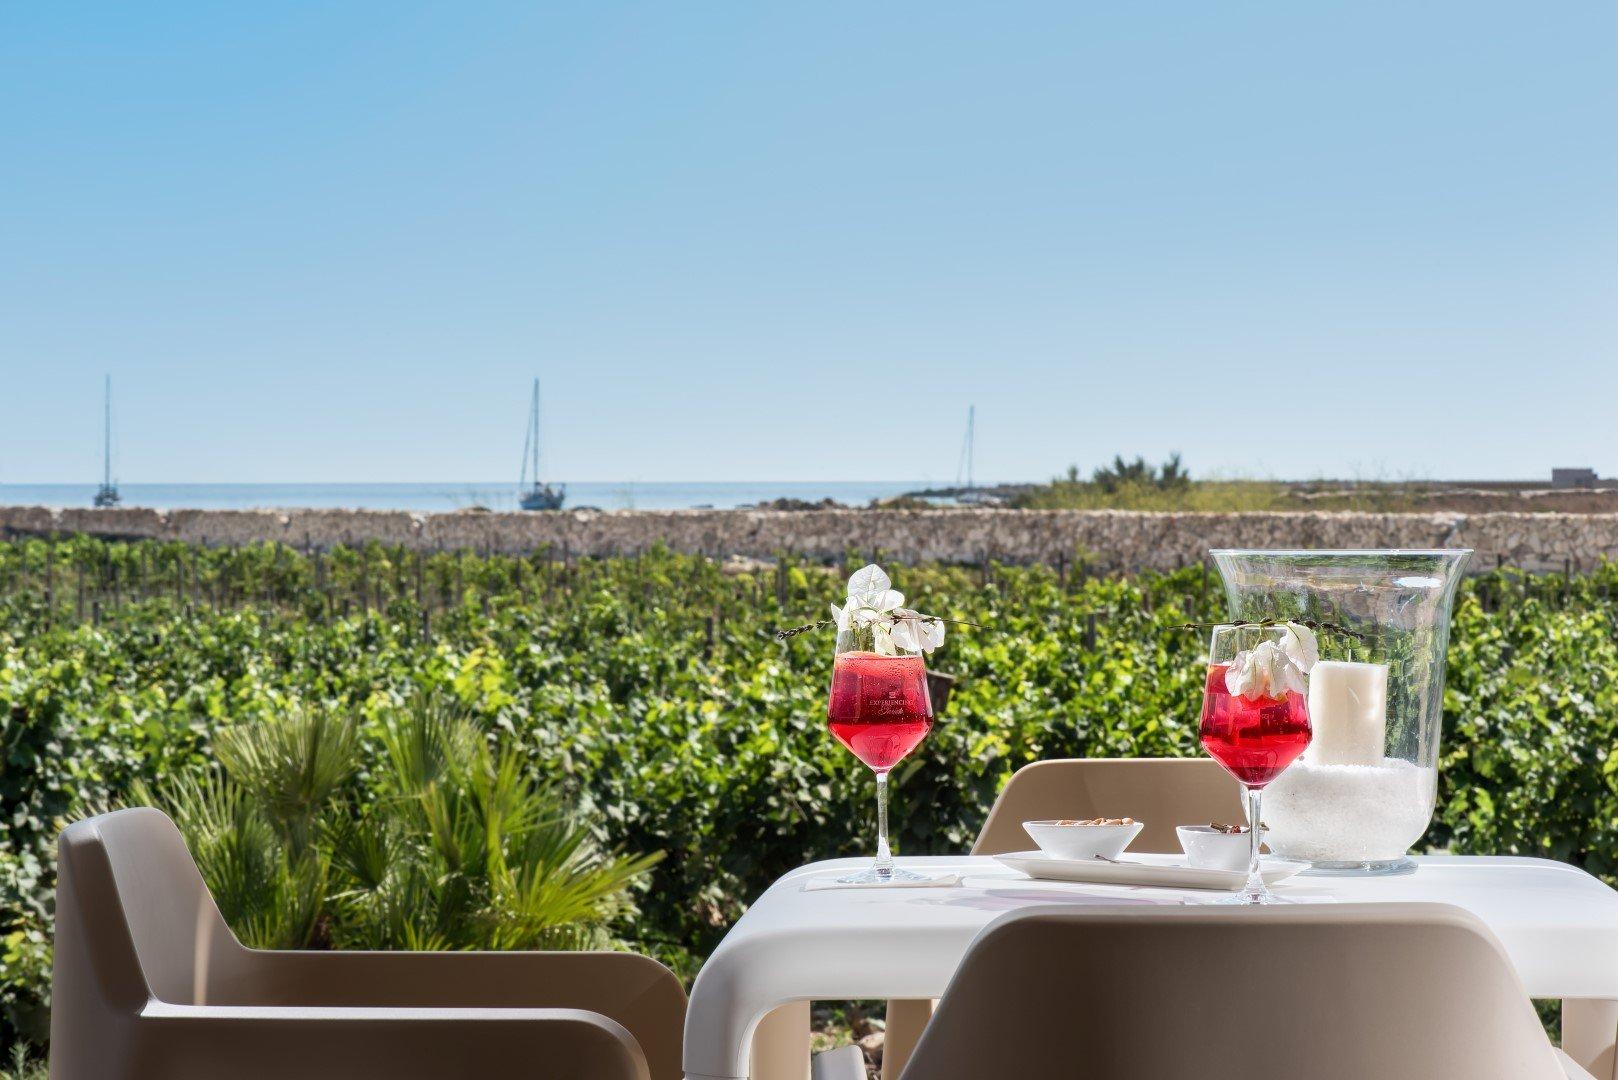 degustazione vista mare a favignana, cantine vicine ai luoghi di vacanza in sicilia